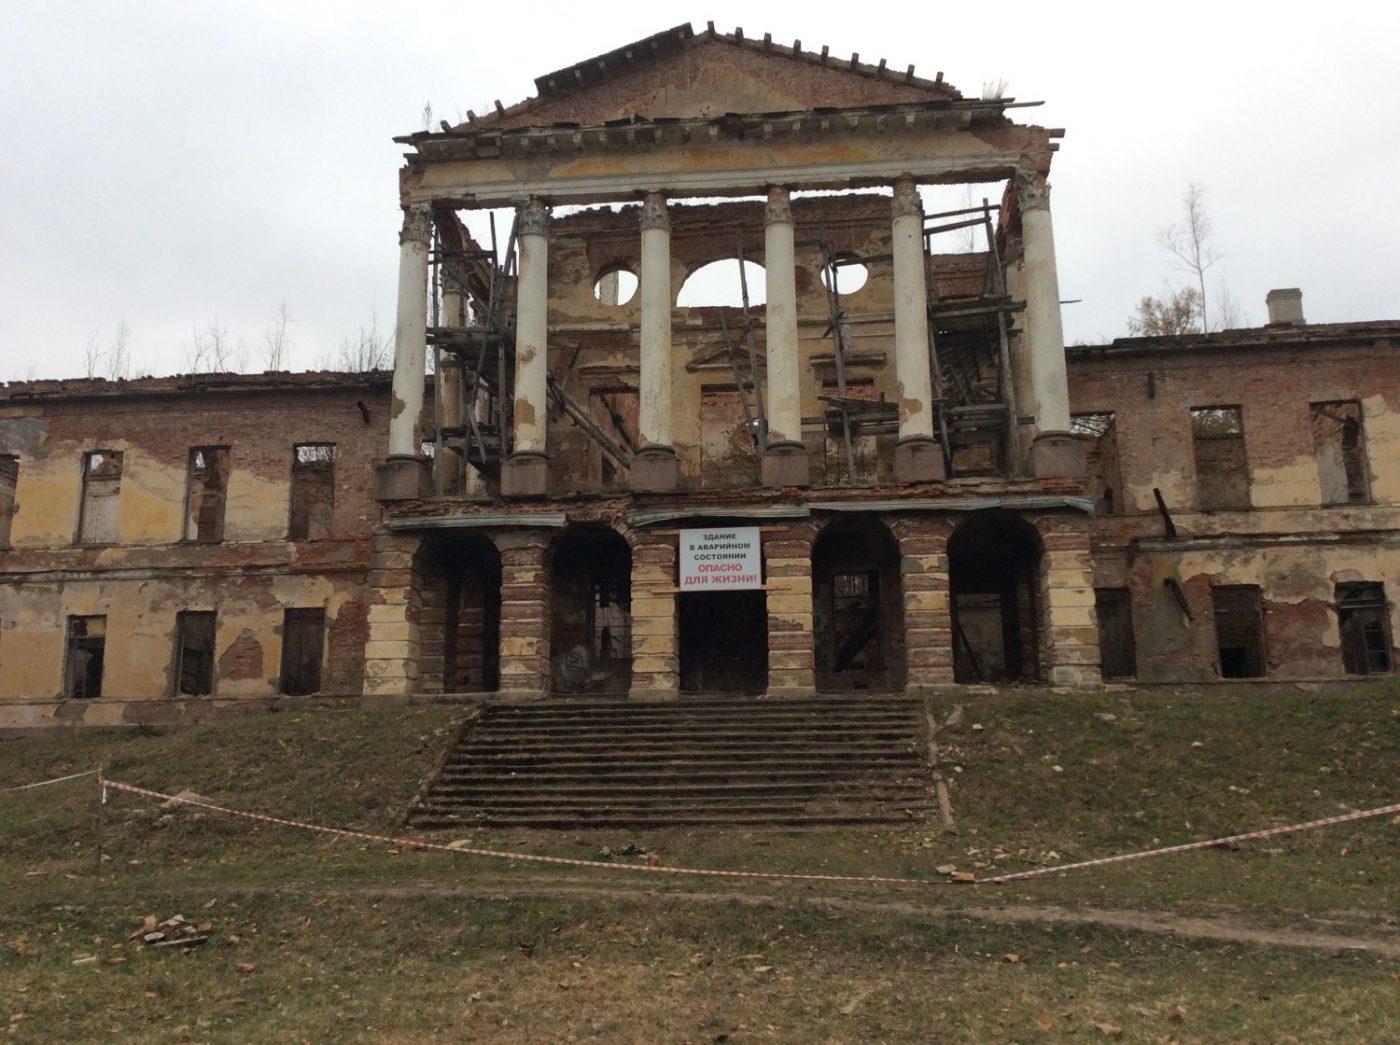 Ропшинский Императорский дворец: императорское прошлое, печальное настоящее, туманное будущее…